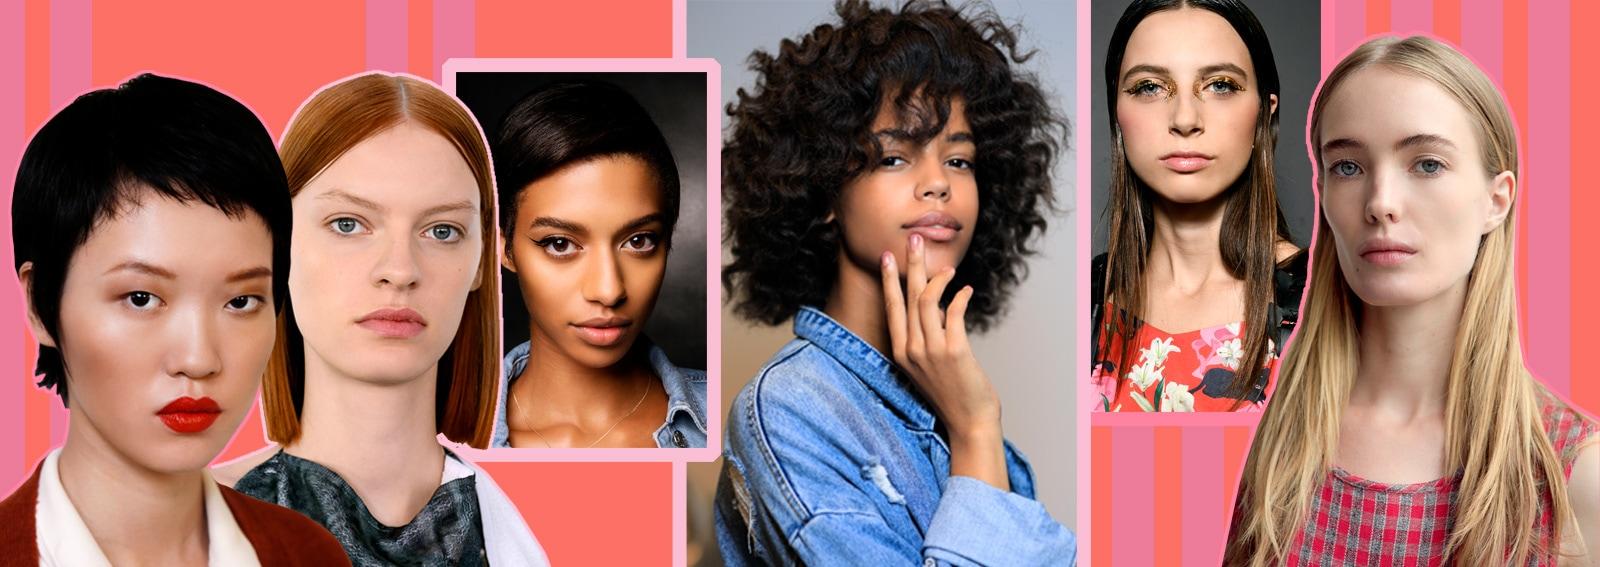 Tagli di capelli medi, lunghi e corti: come li porteremo ...